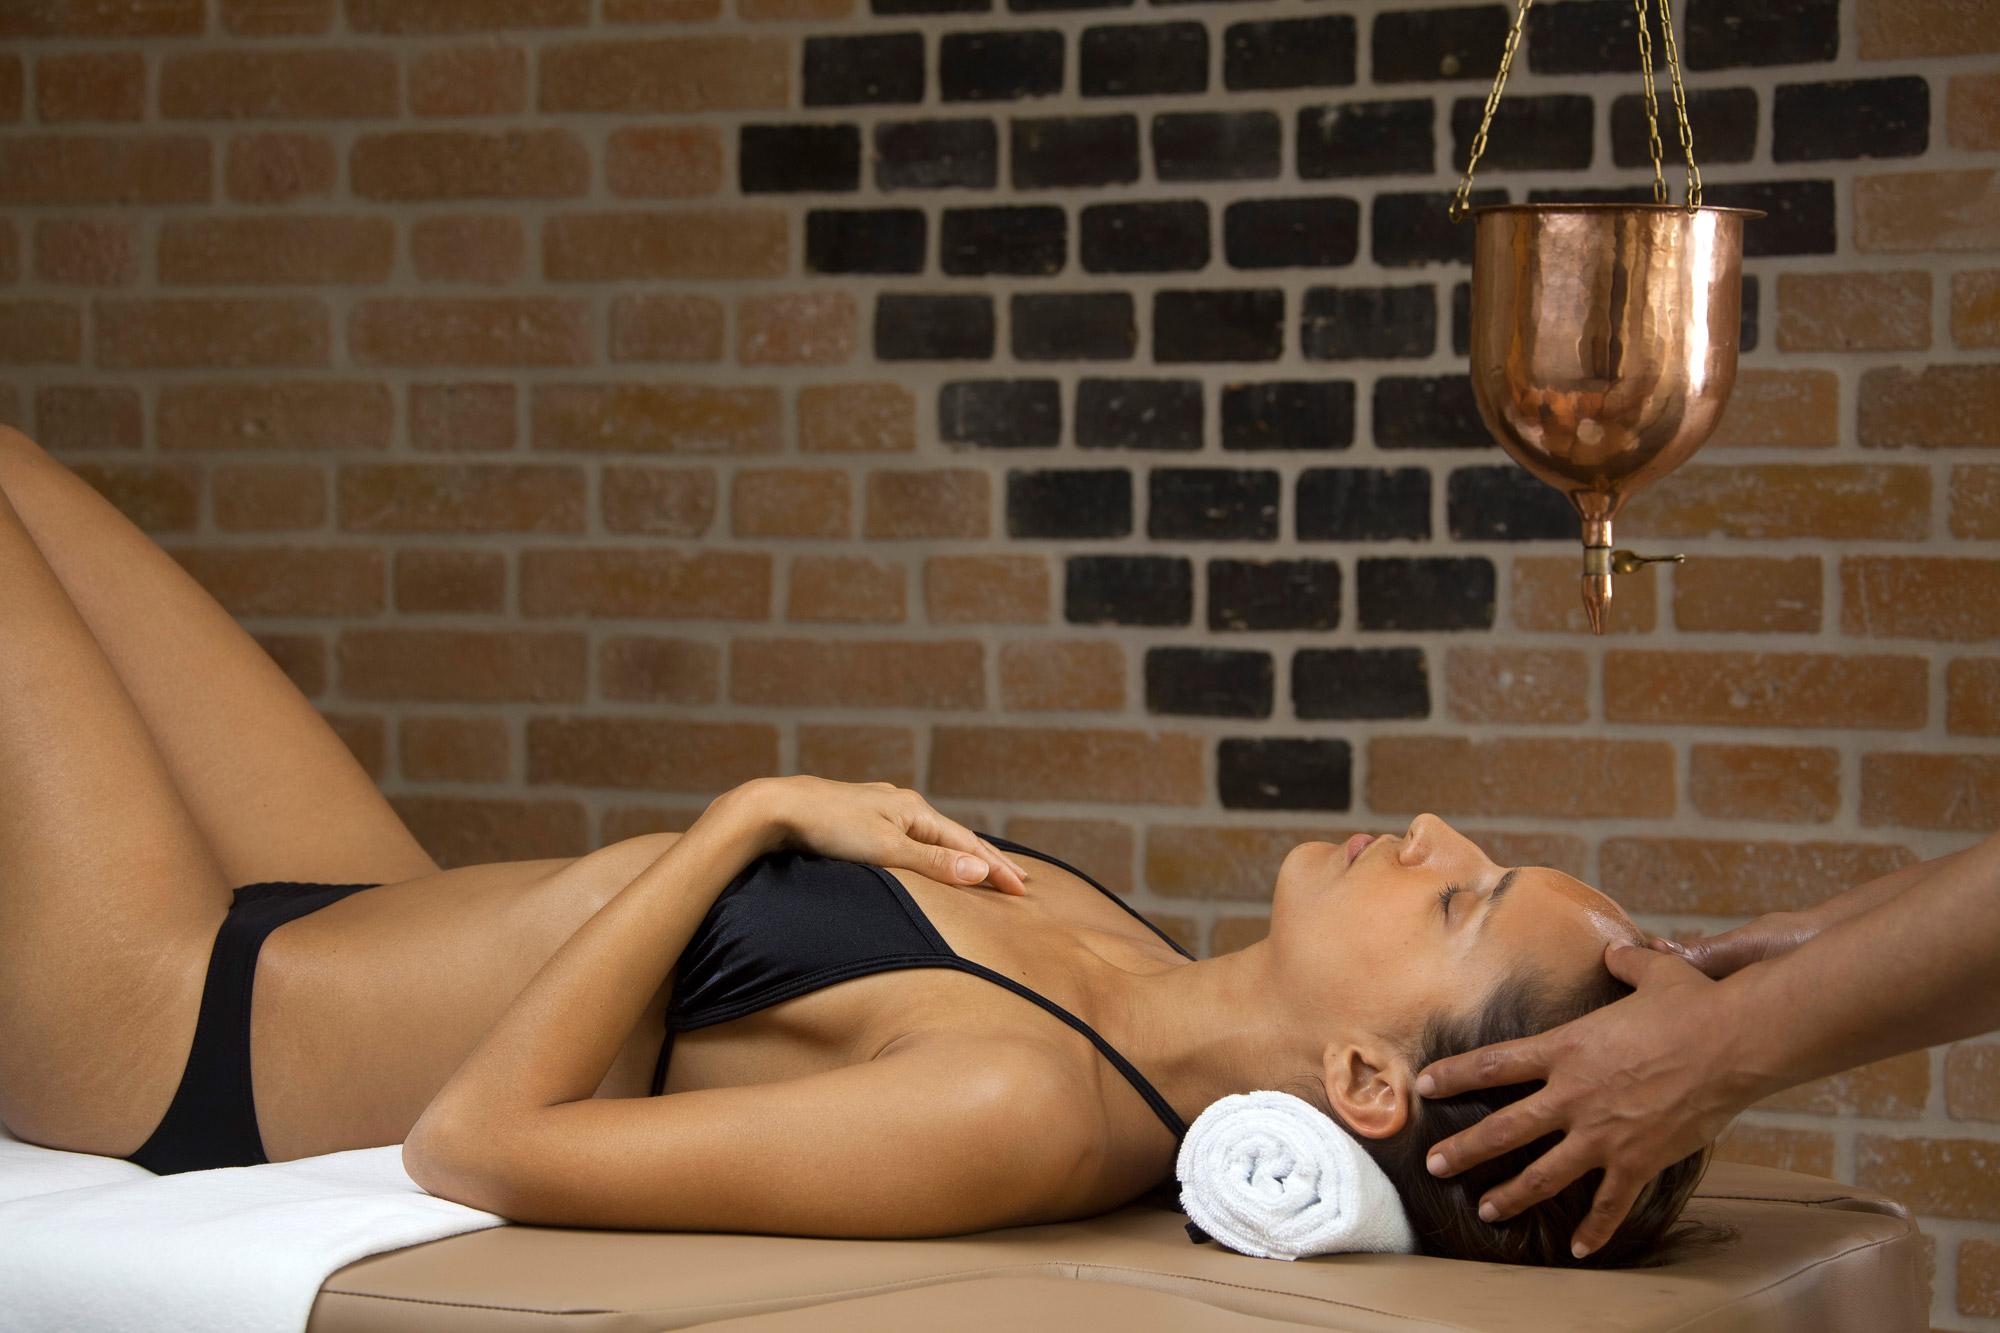 Jeune femme en maillot de bain installée sur le dos, en train de se faire masser le sommet de la tête.